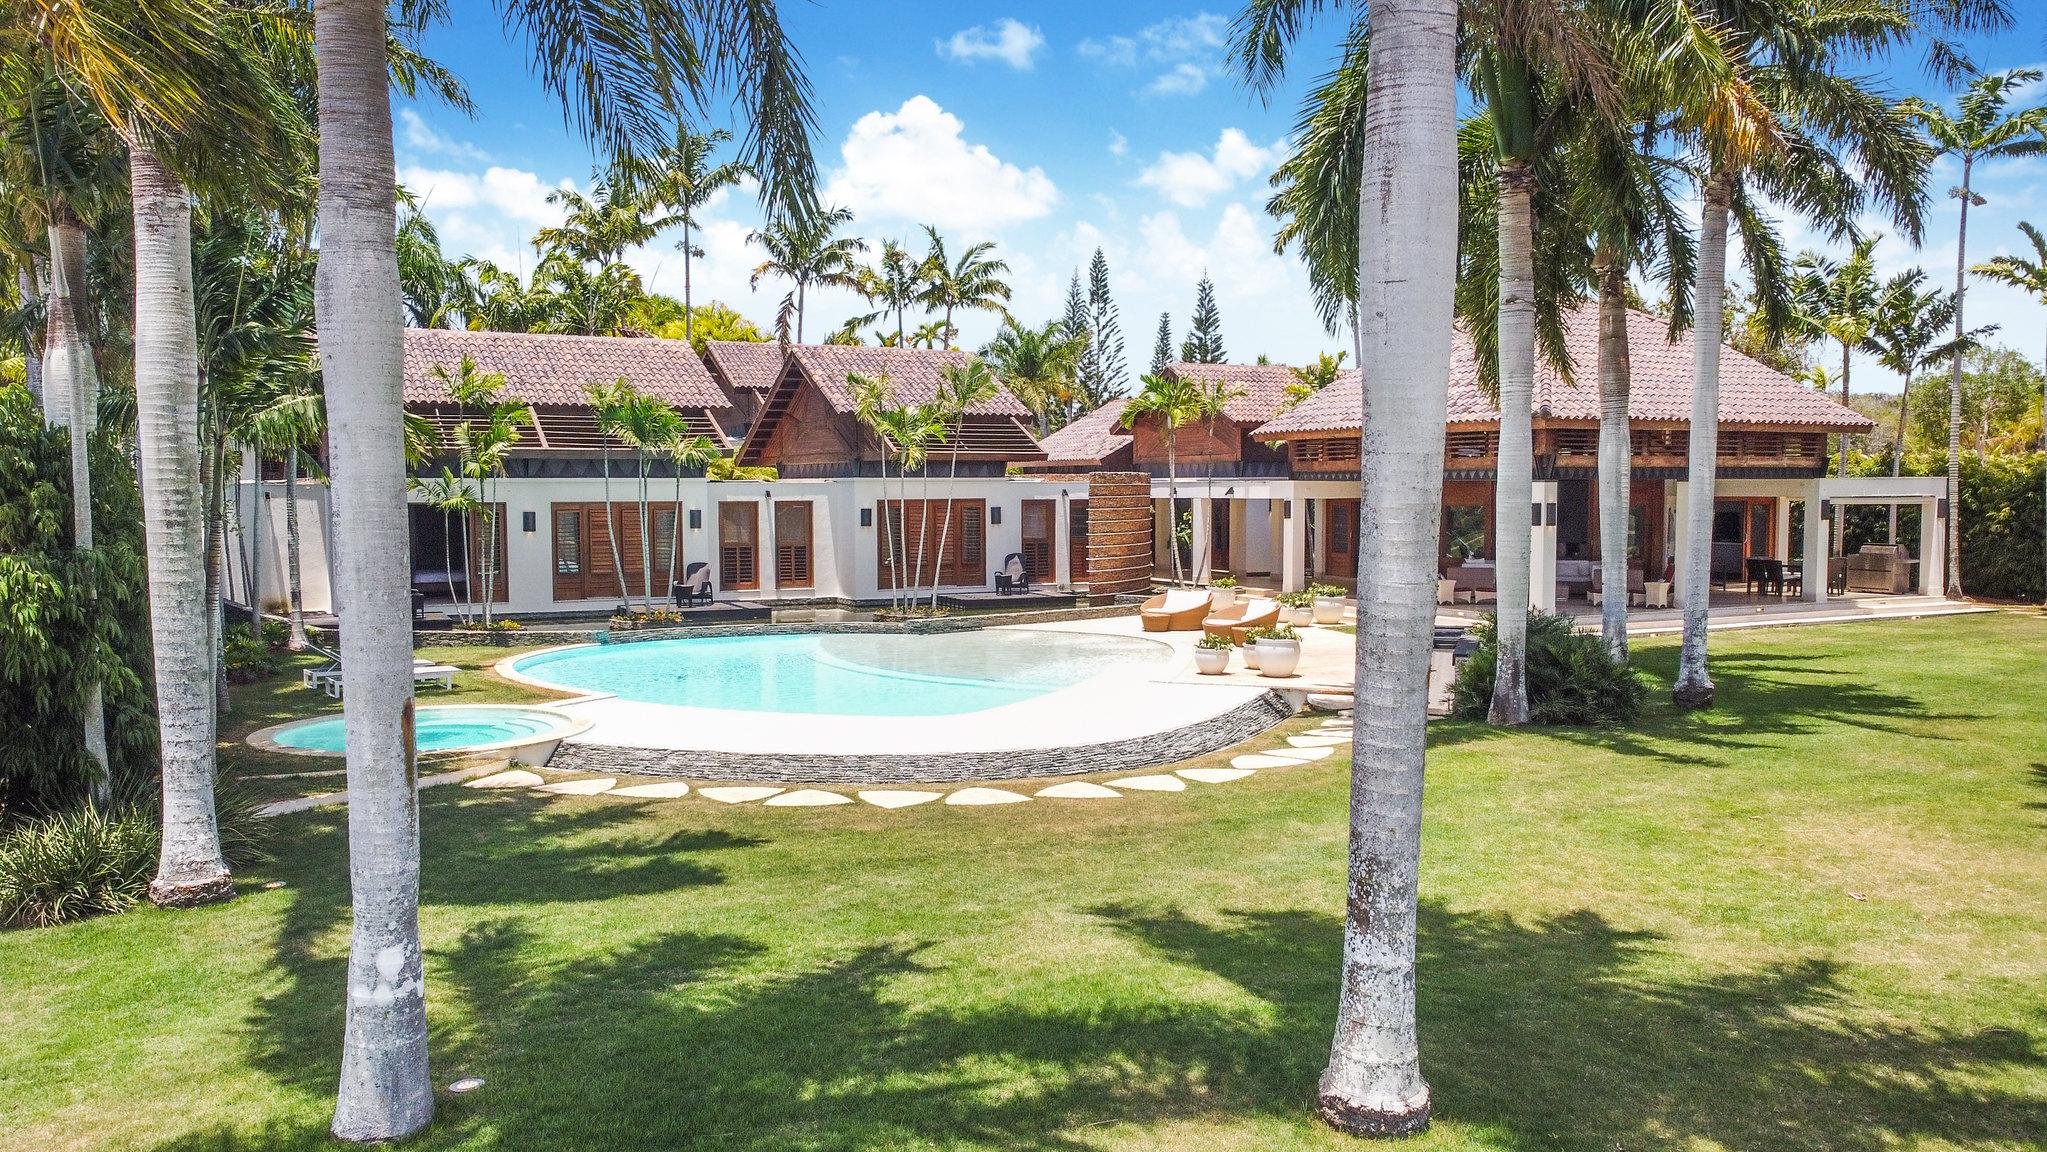 Las Palmas 22 Casa de Campo Dominican Republic